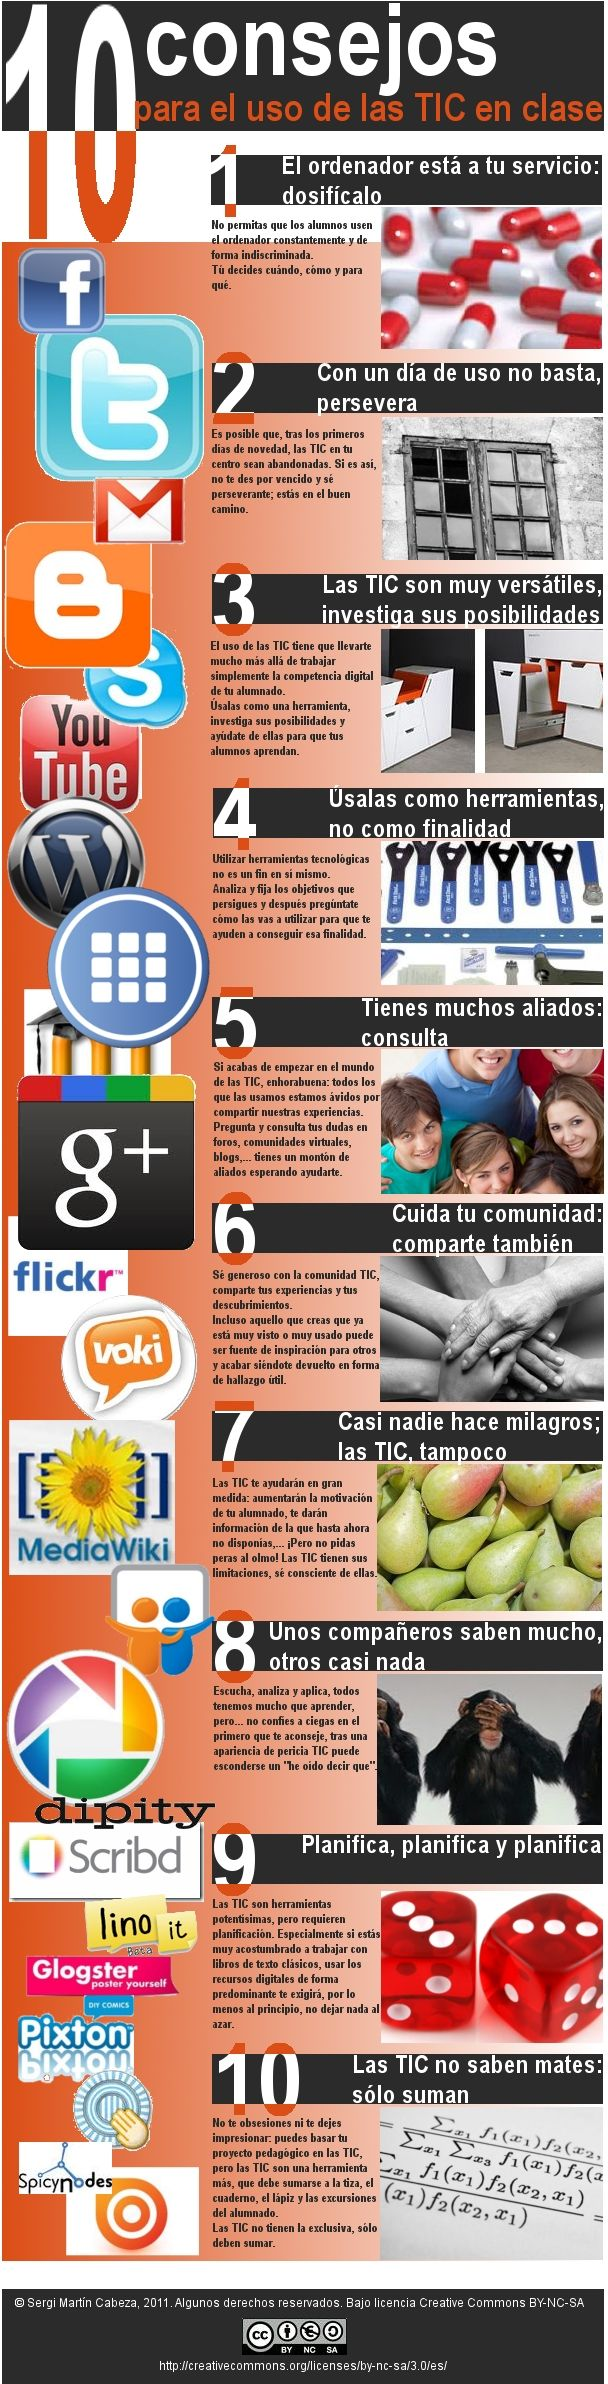 10 consejos para el uso de las TIC en clase #infografia